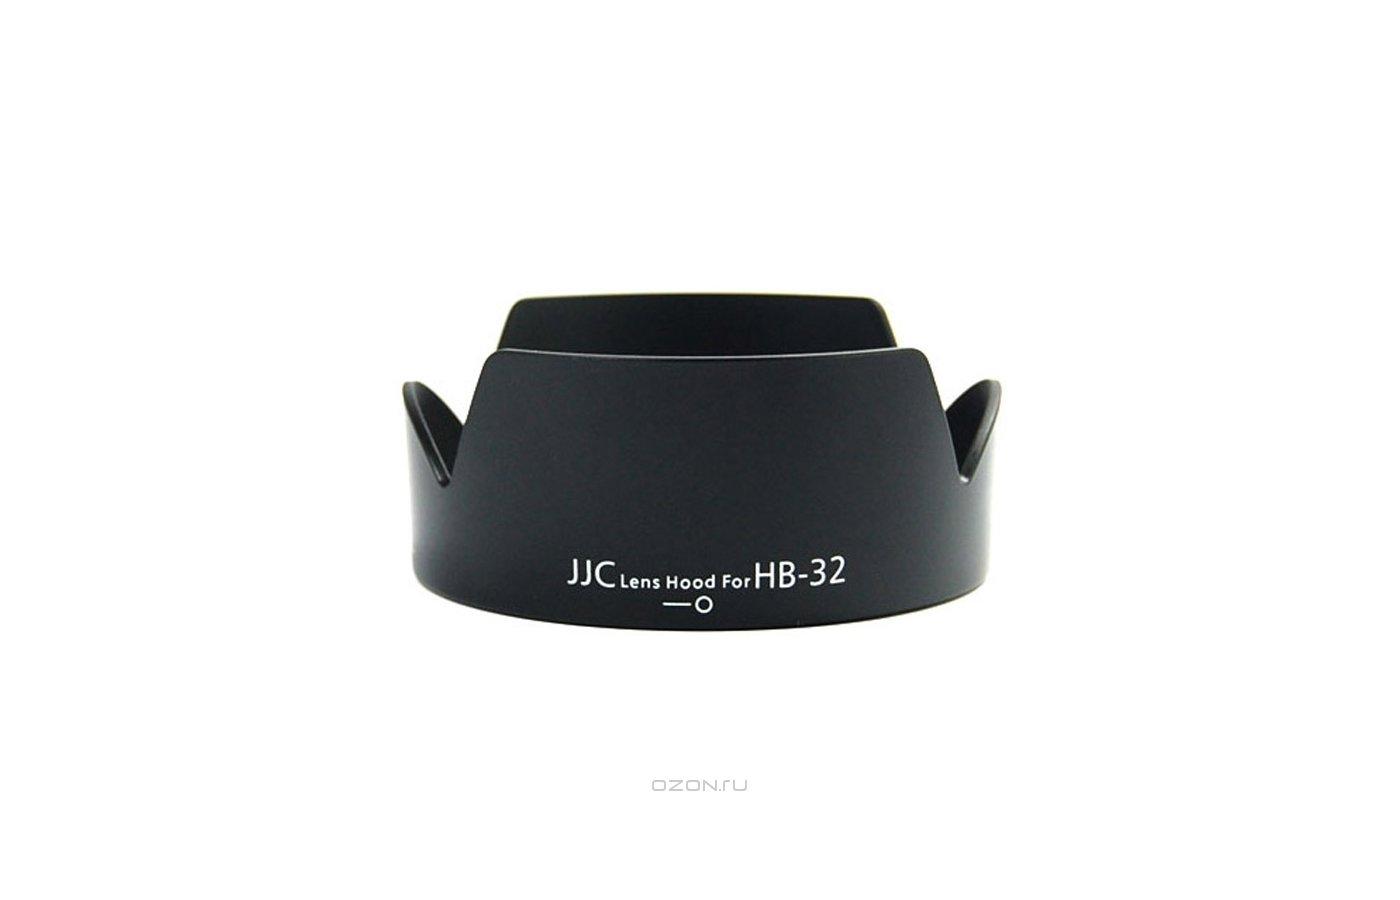 Бленда JJC LH-32 для Nikkor AF-S DX 18-105/3.5-5.6G ED VR